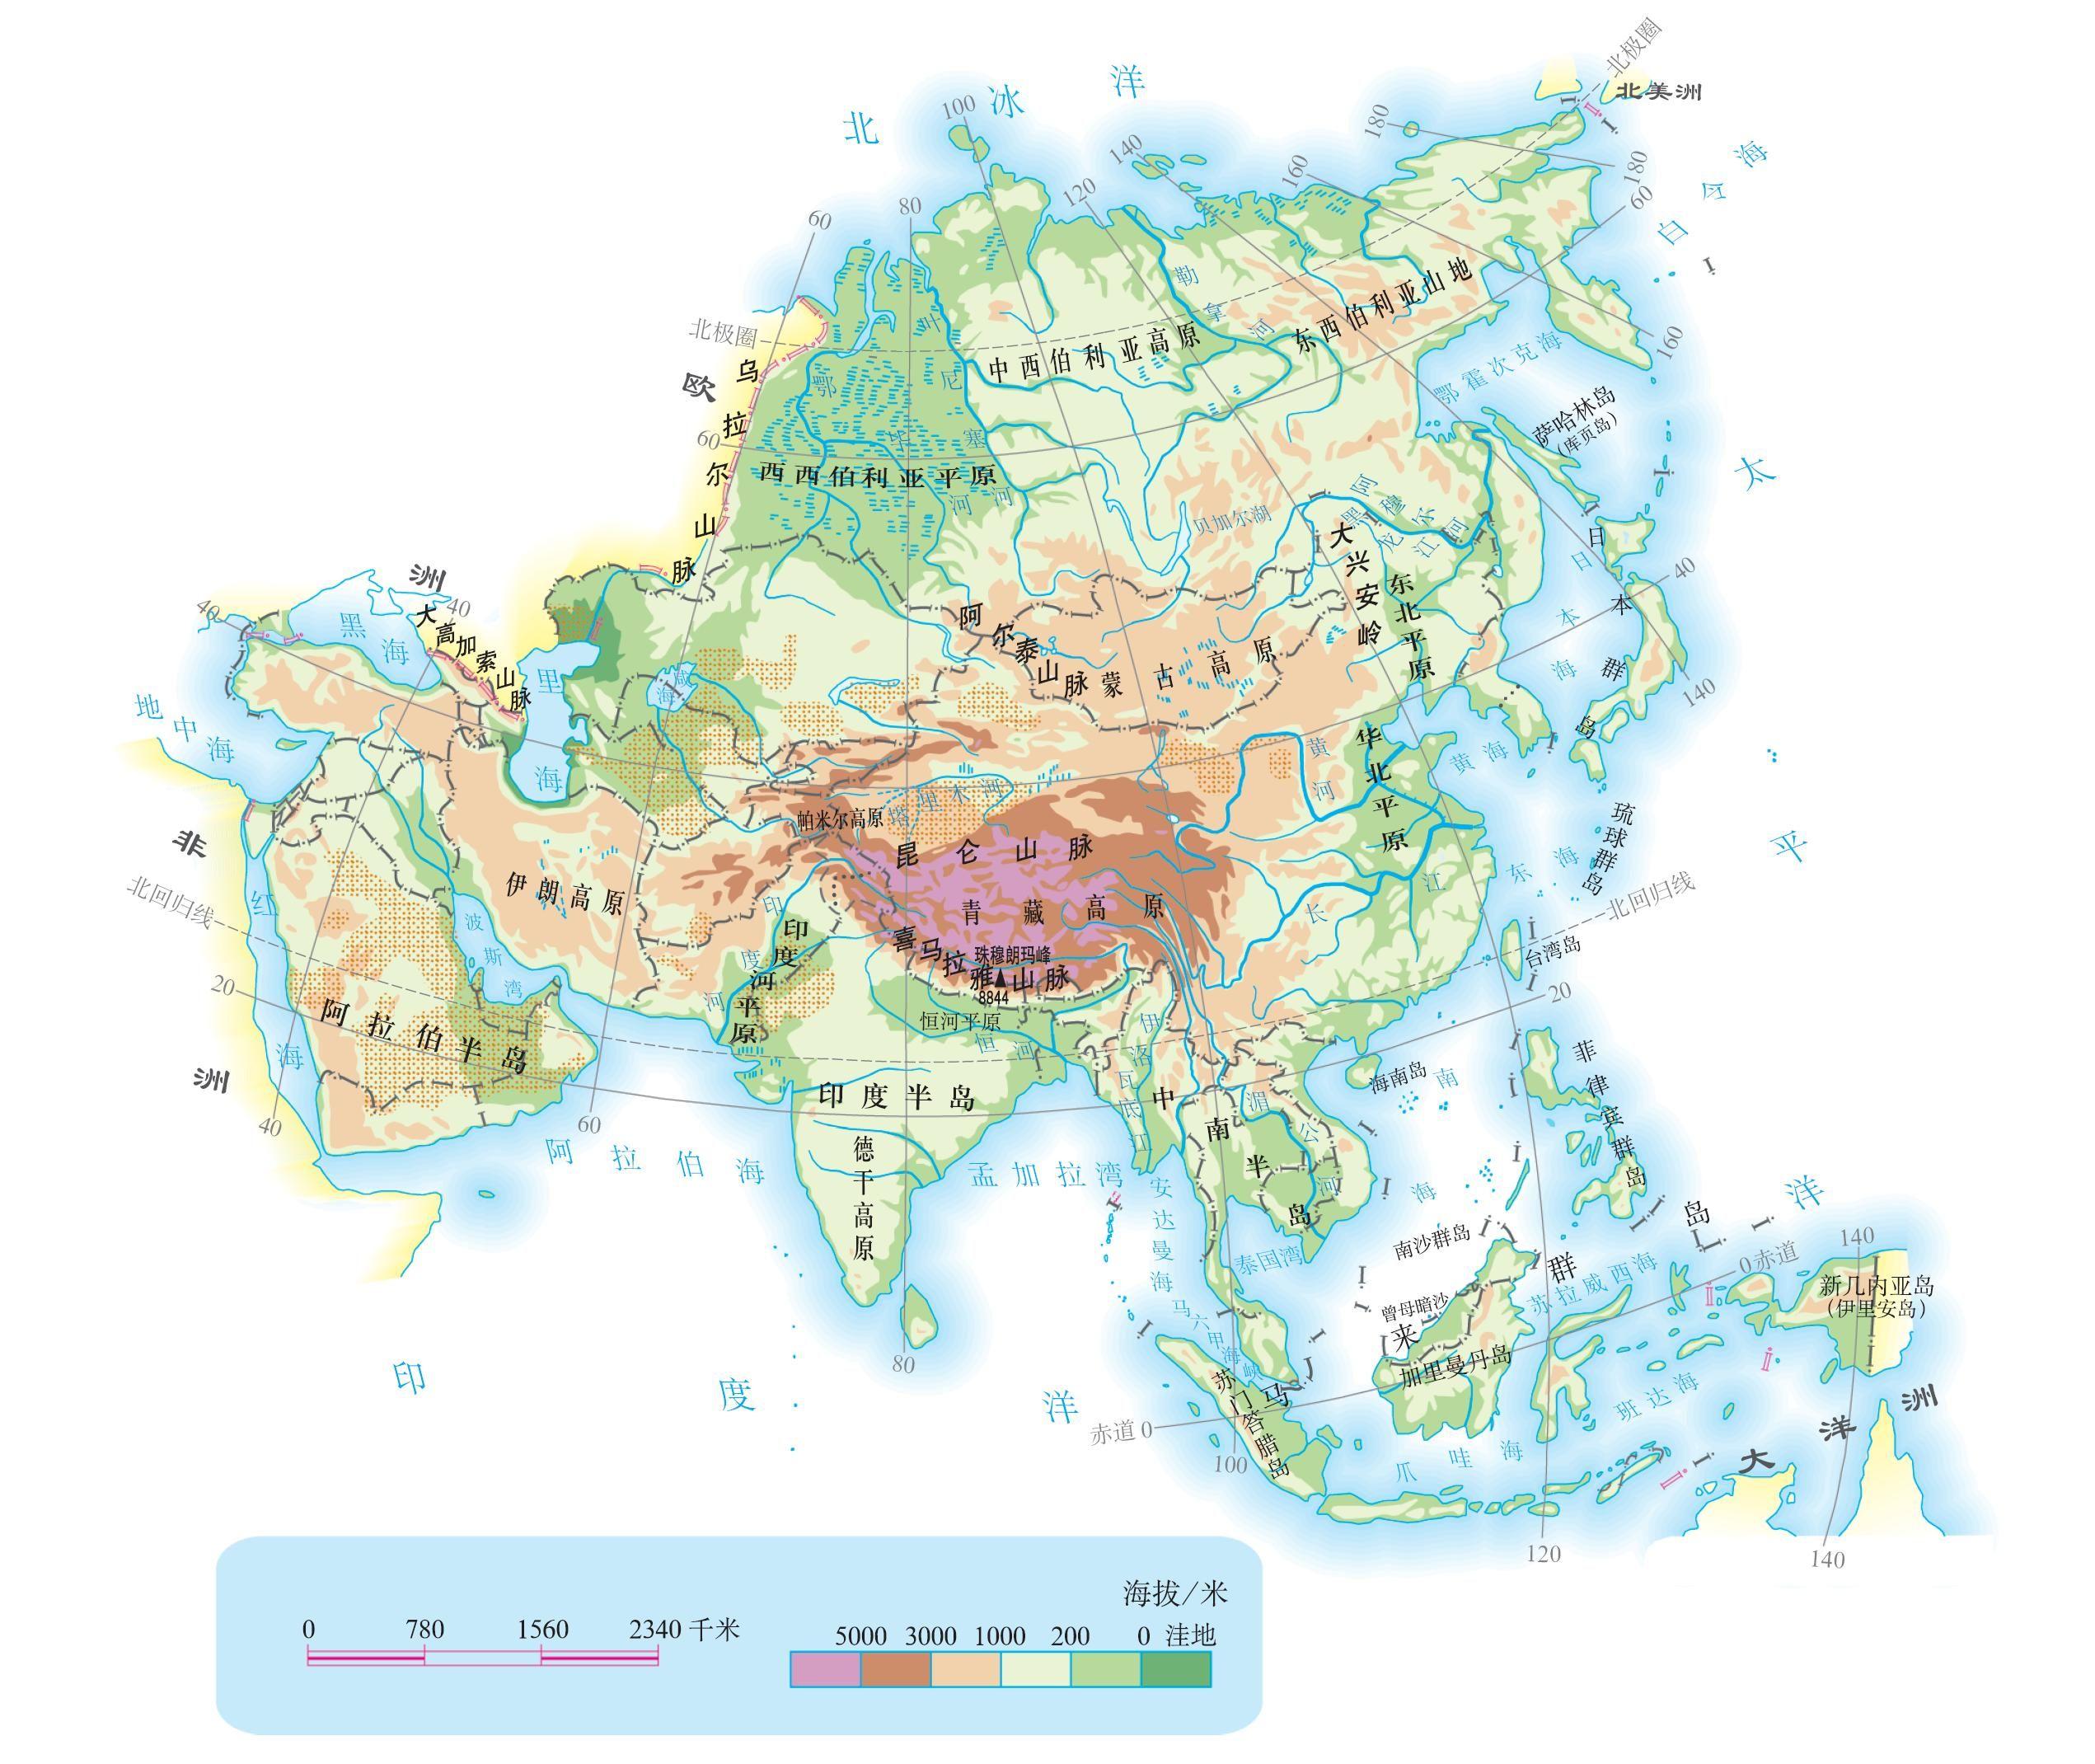 亚洲地形地图_想知道:阿拉伯半岛 亚洲地形的地图 在哪_百度知道